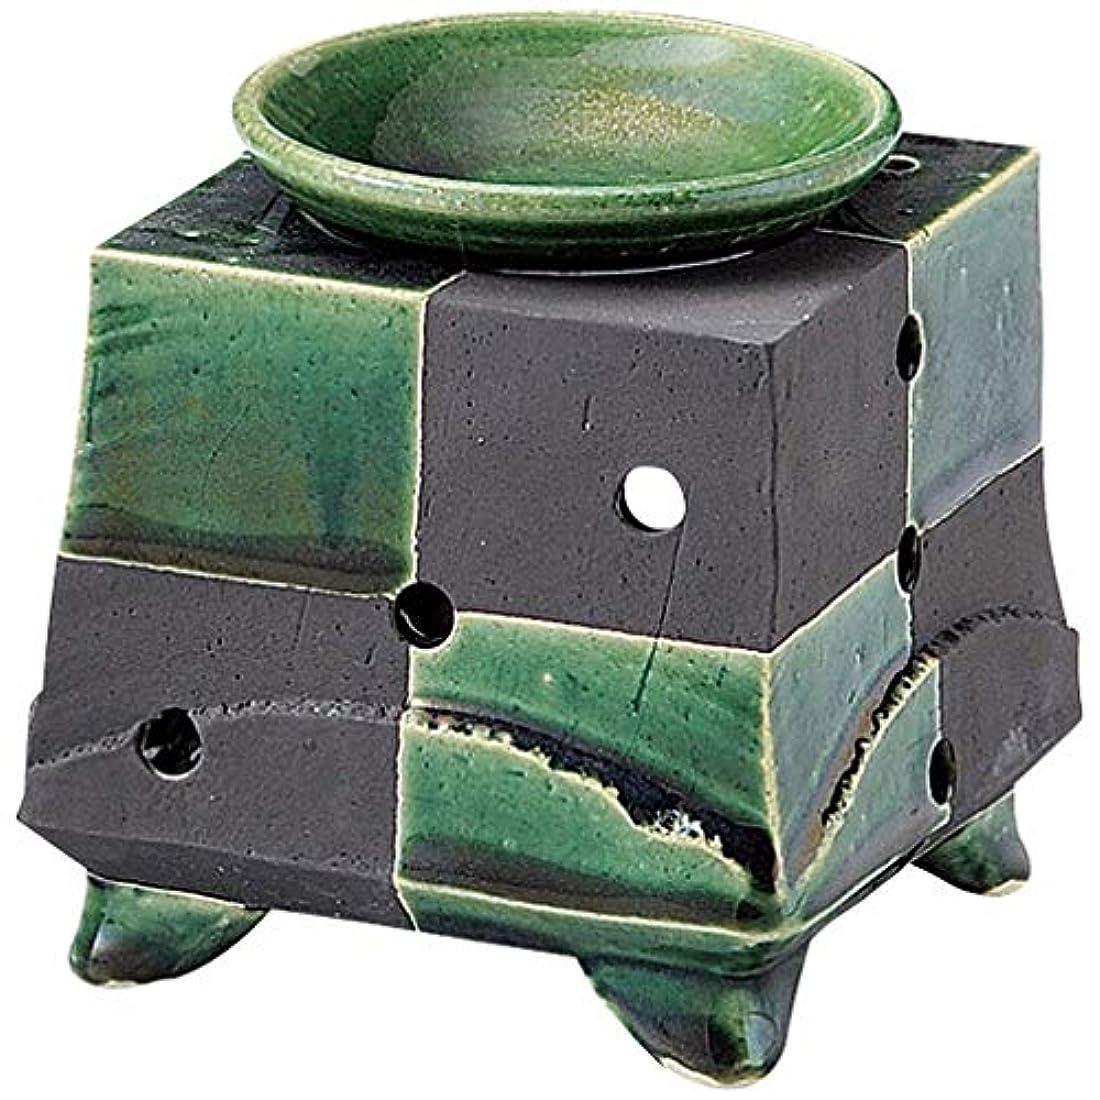 限定スクレーパー大人YI--Y-1622 常滑焼 茶香炉 化粧箱入 径11.5×高さ11.5cm